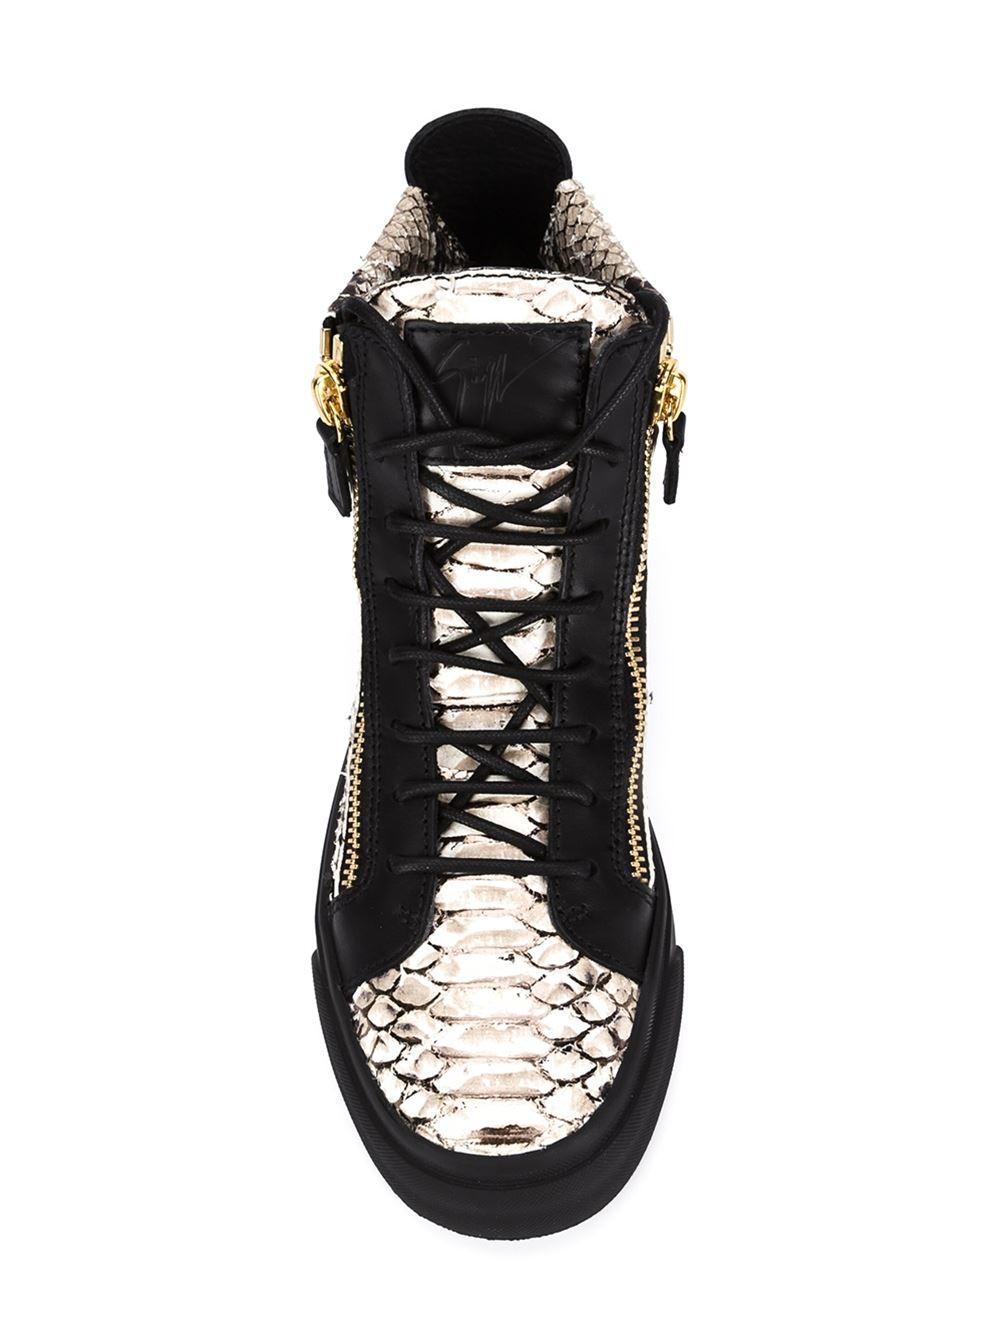 Giuseppe Zanotti Snakeskin Effect Hi-top Sneakers in White